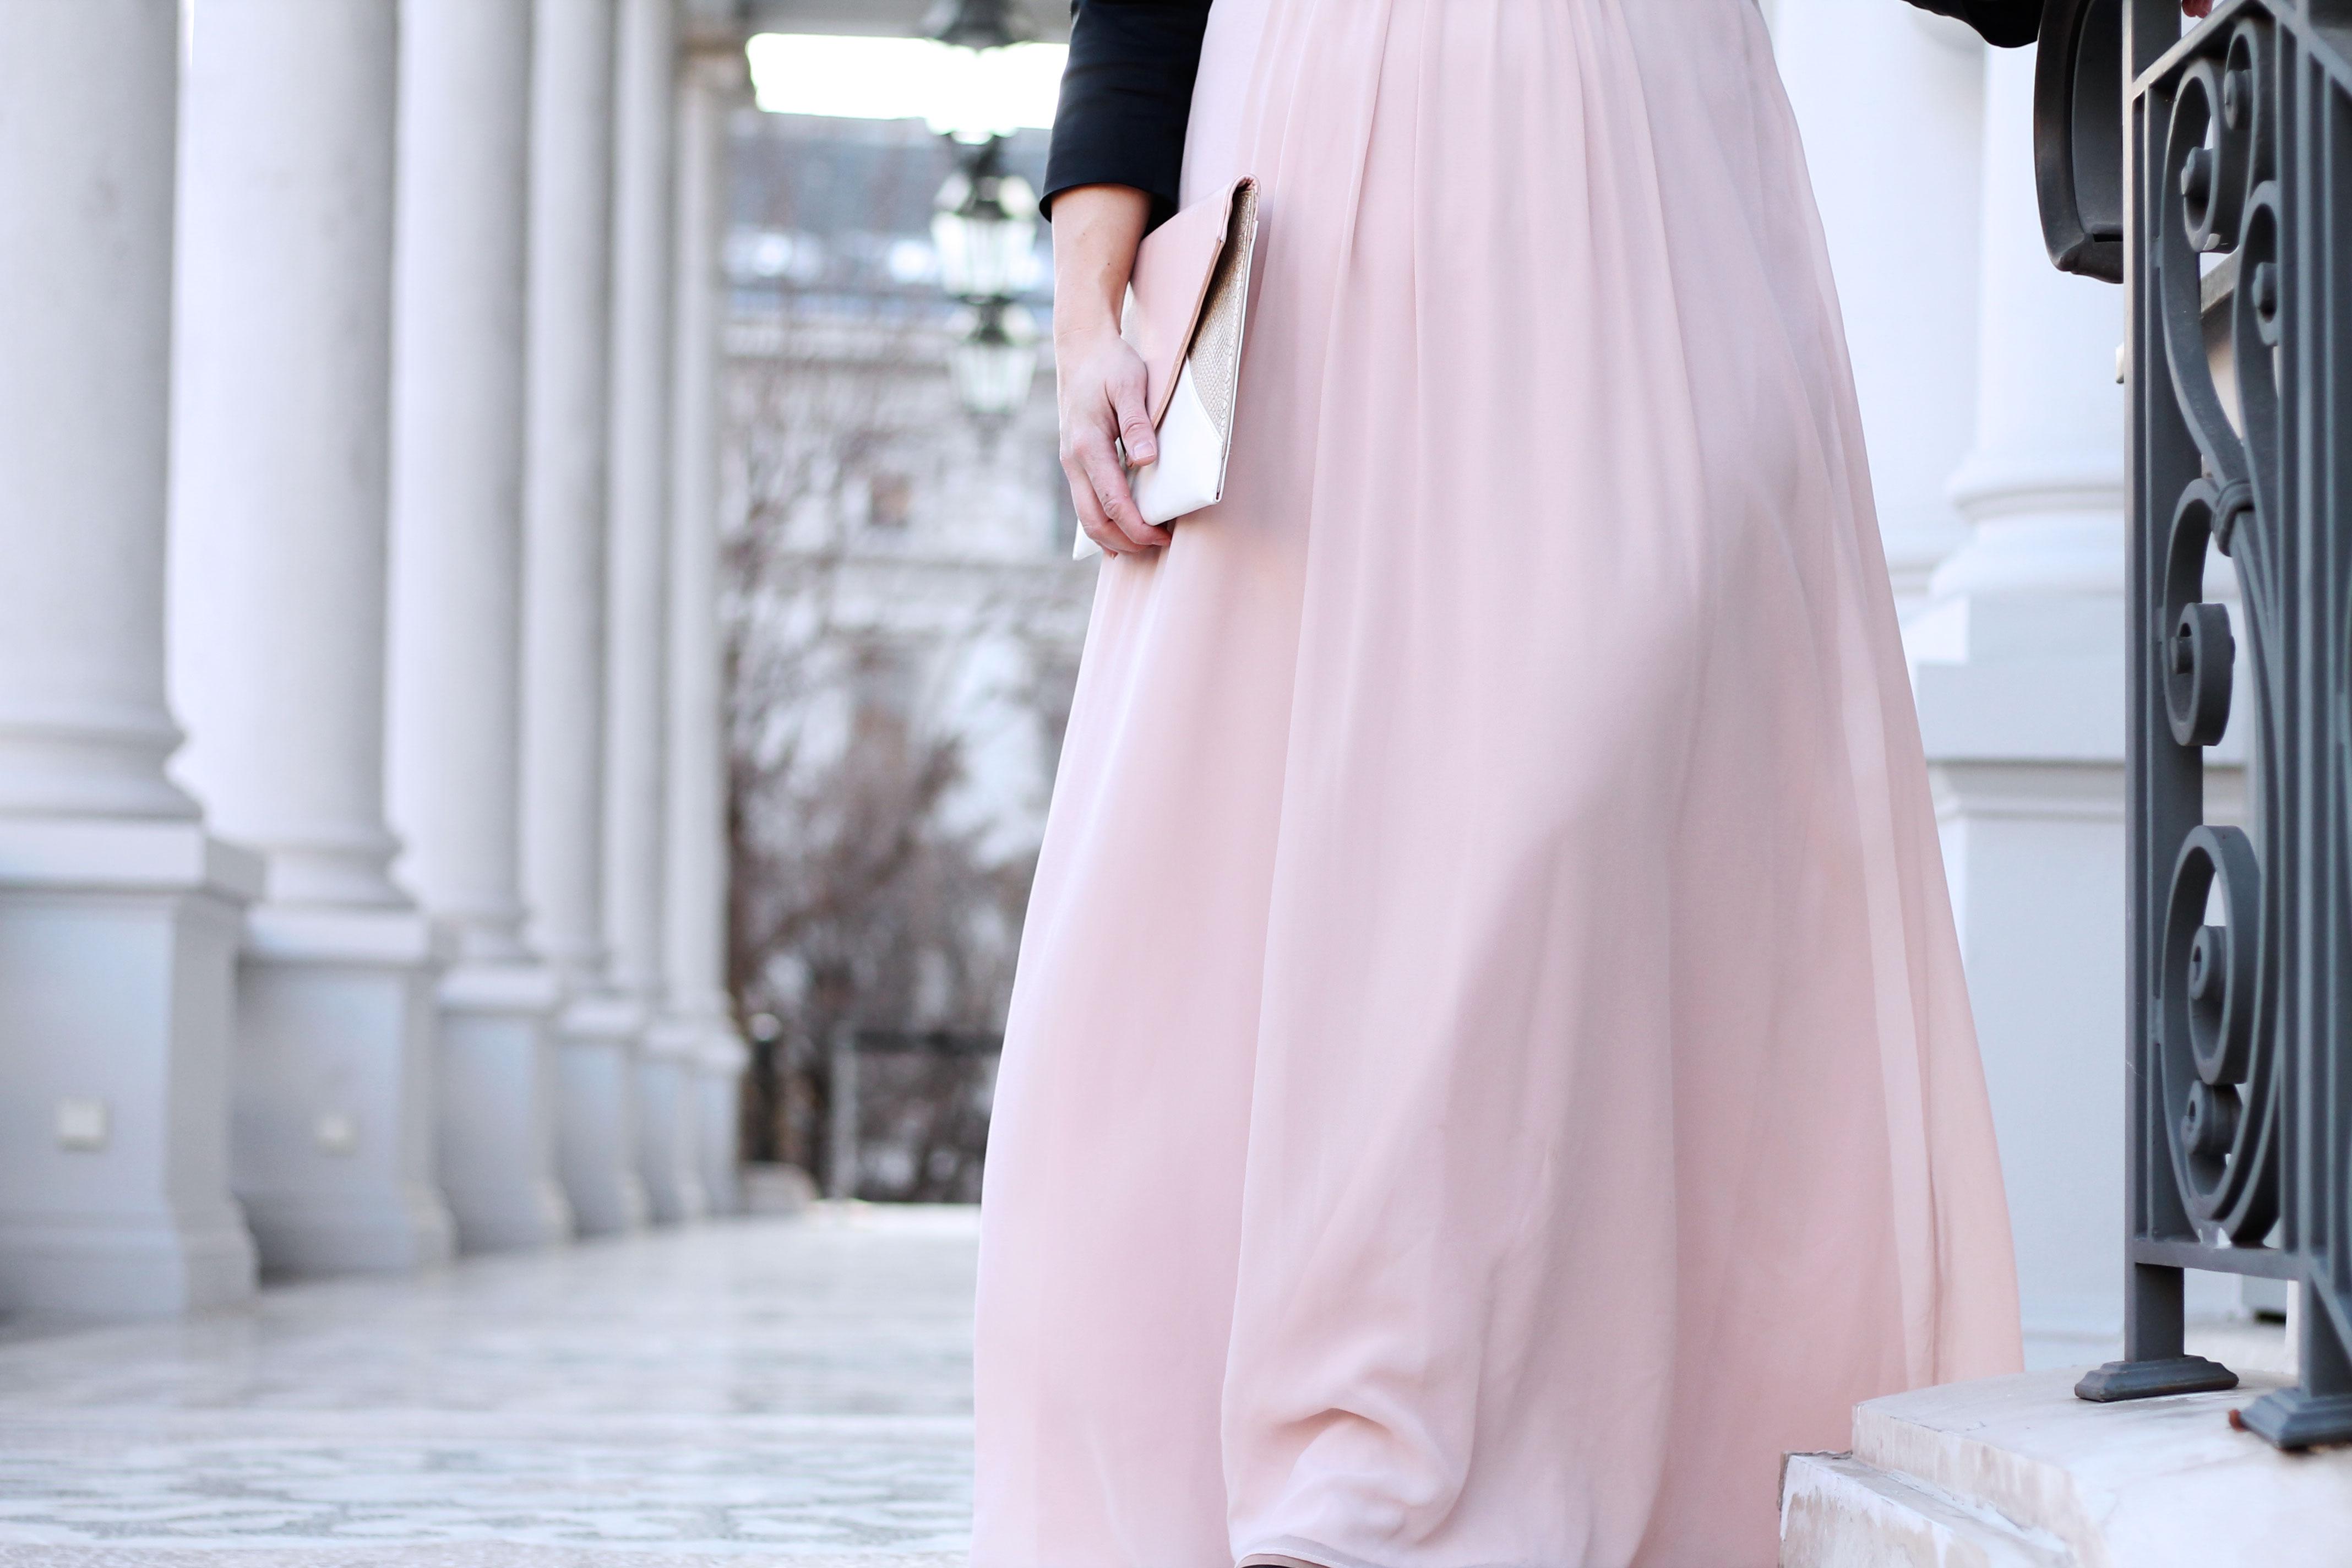 ballkleid-farbe-rose-nude-ballsaison-clutch-kardiaserena-balloutfit-outfit-plussize-blogger-fashion